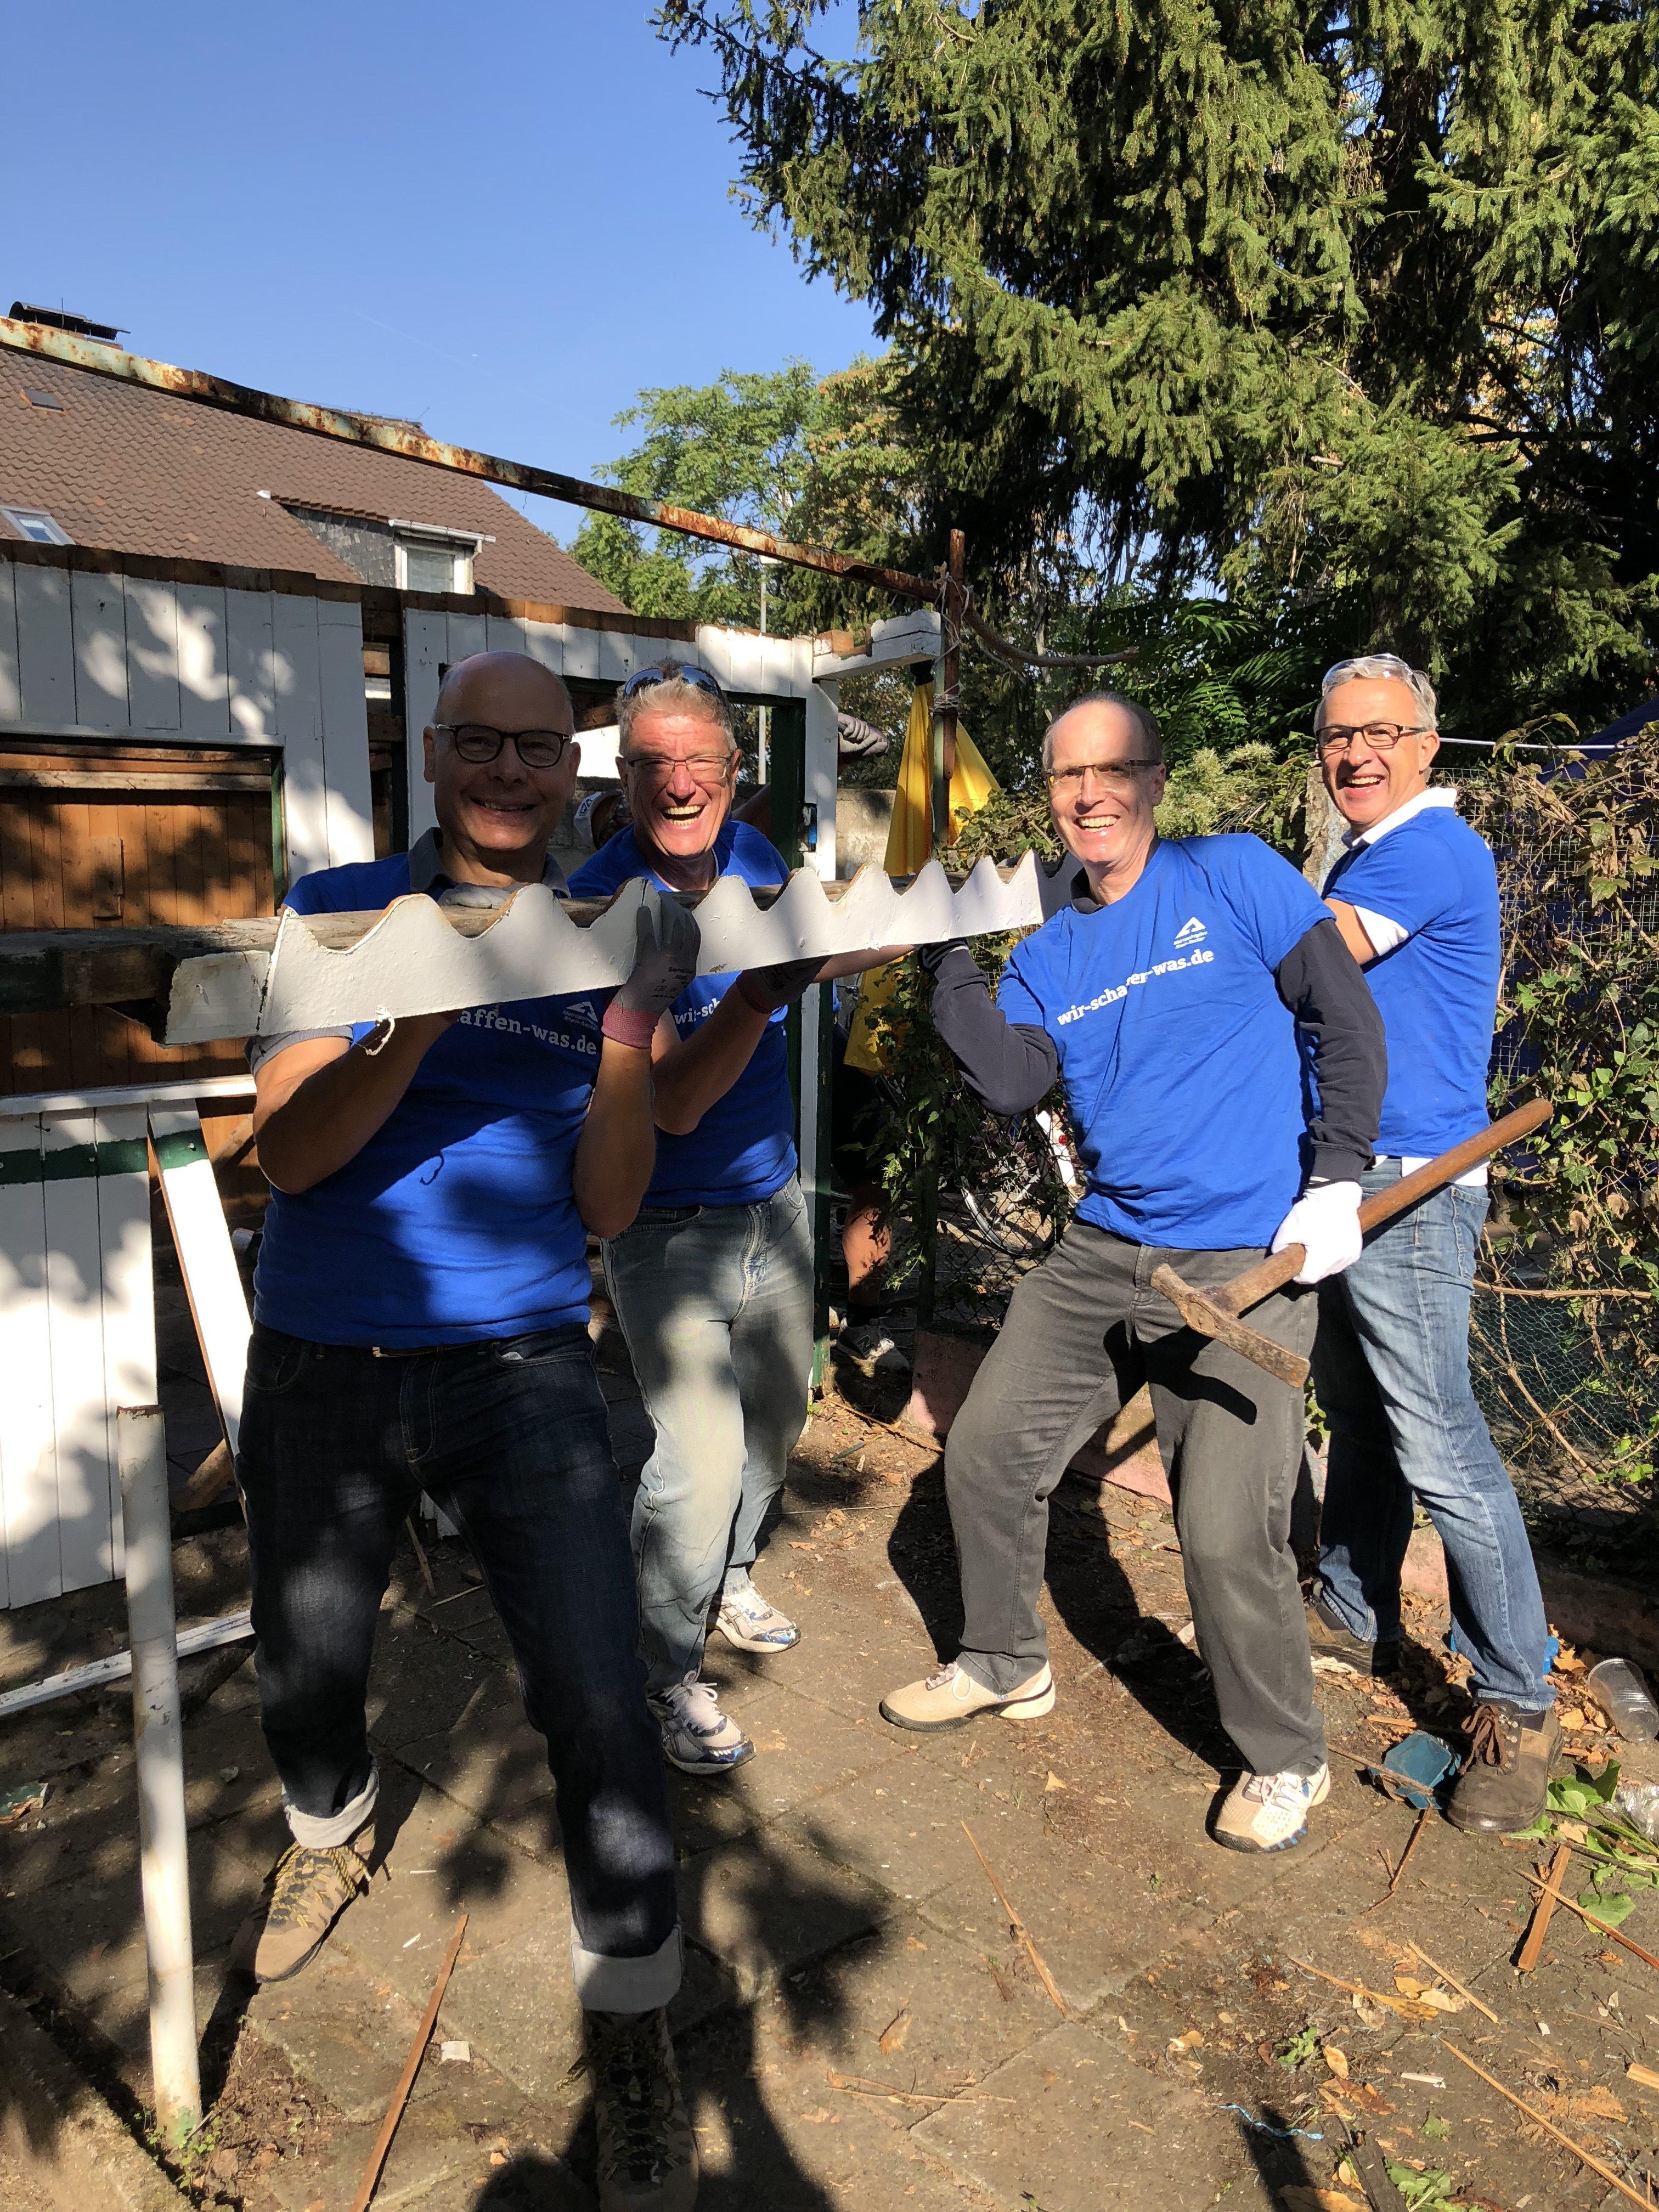 """""""Wir haben was geschafft!"""" – Das Projekt """"Abriss einer Gartenhütte"""" beim Freiwilligentag ist umgesetzt! OBDACH e.V. sagt Danke!"""